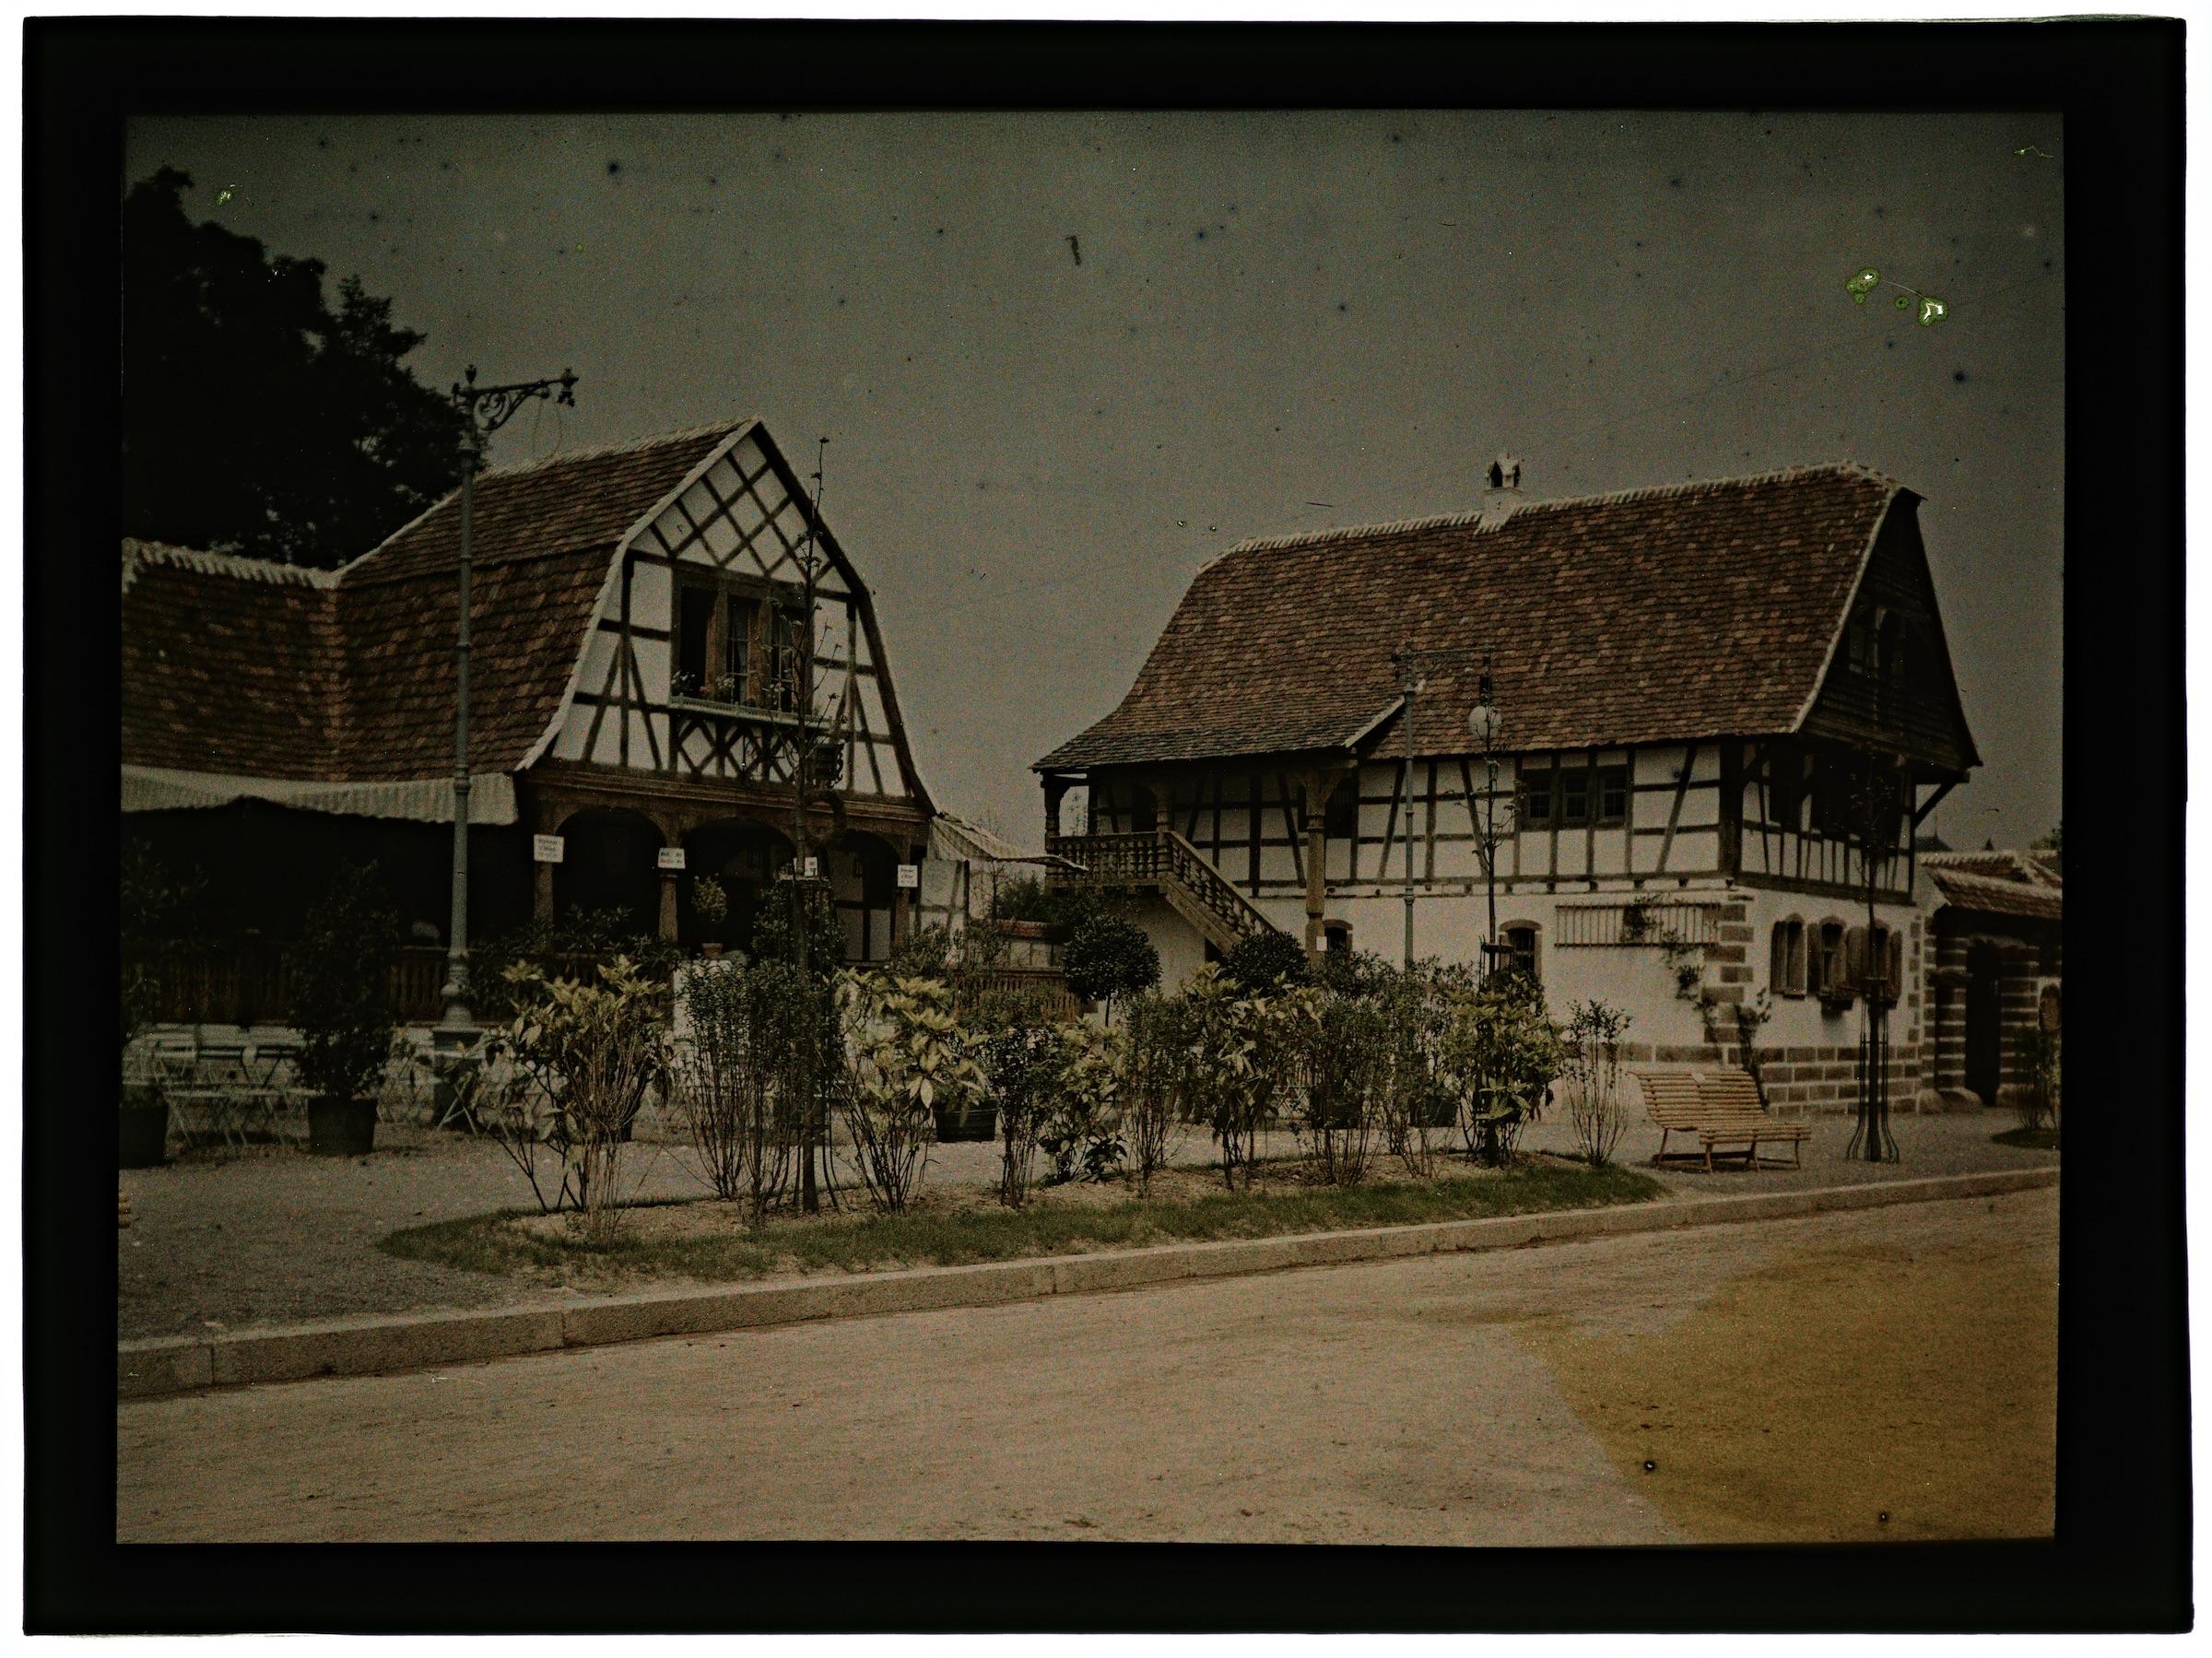 L'exposition internationale de 1909 à Nancy